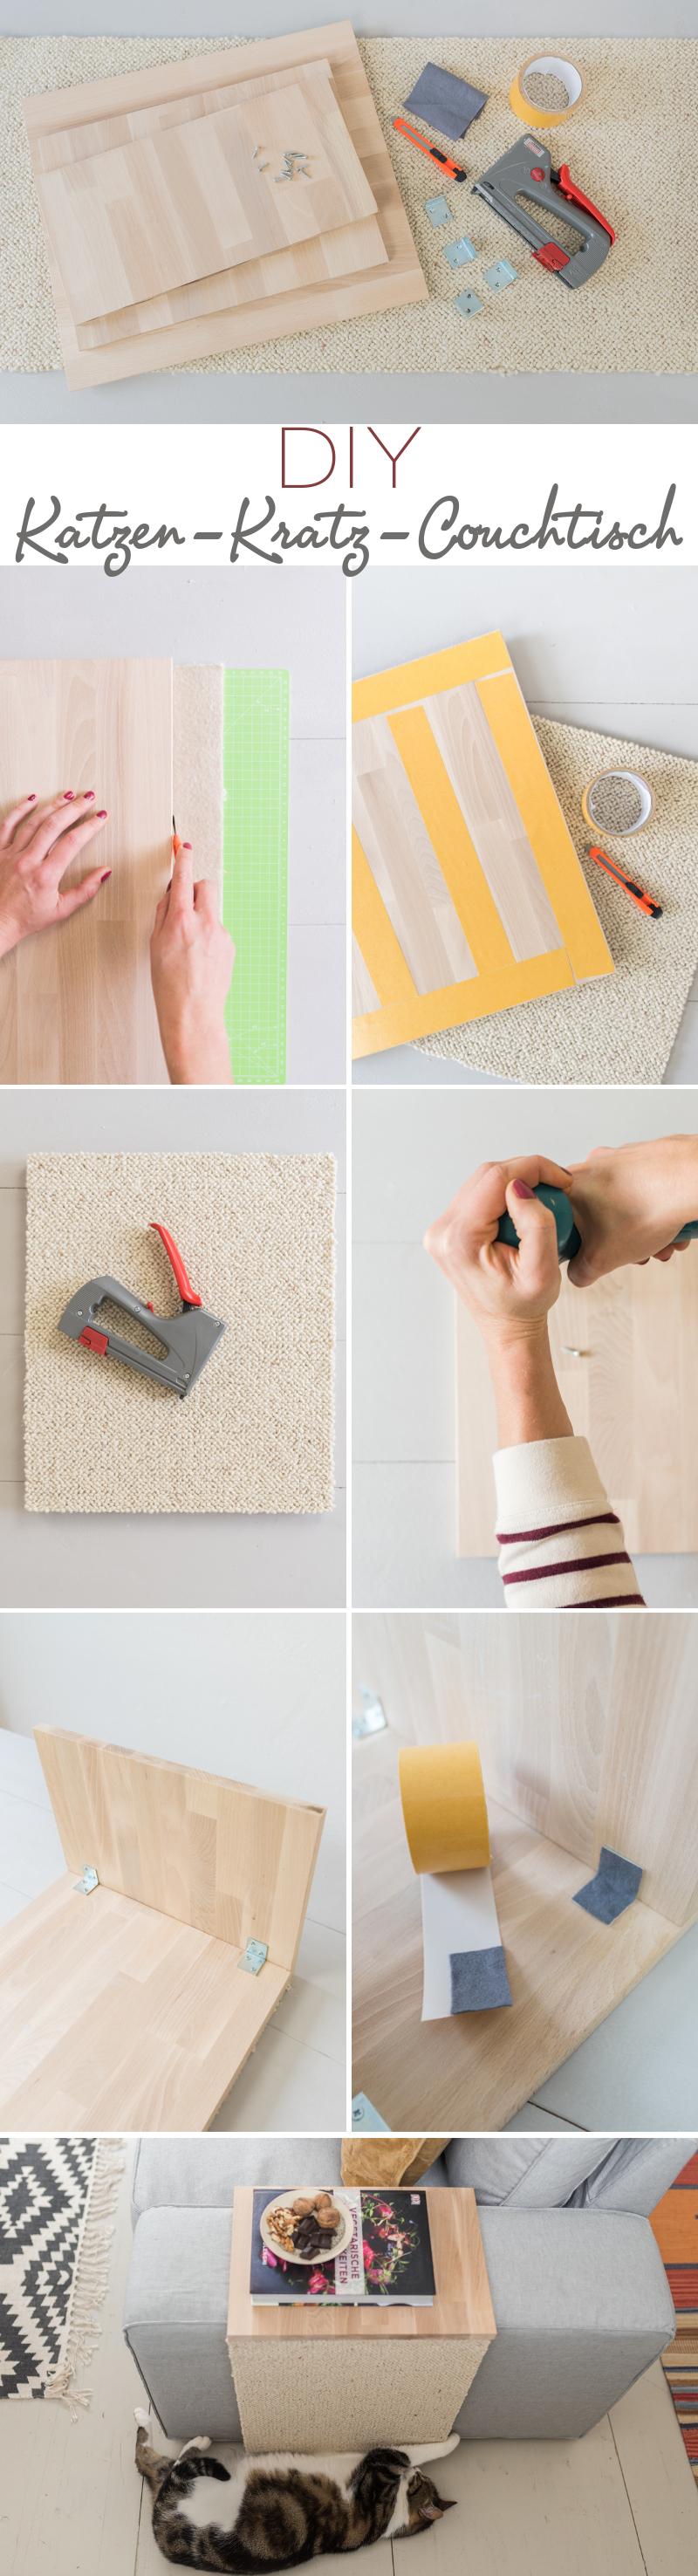 DIY Anleitung für einen selbst gebauten Couchtisch als Katzen Kratzmöbel und Beistelltisch in einem